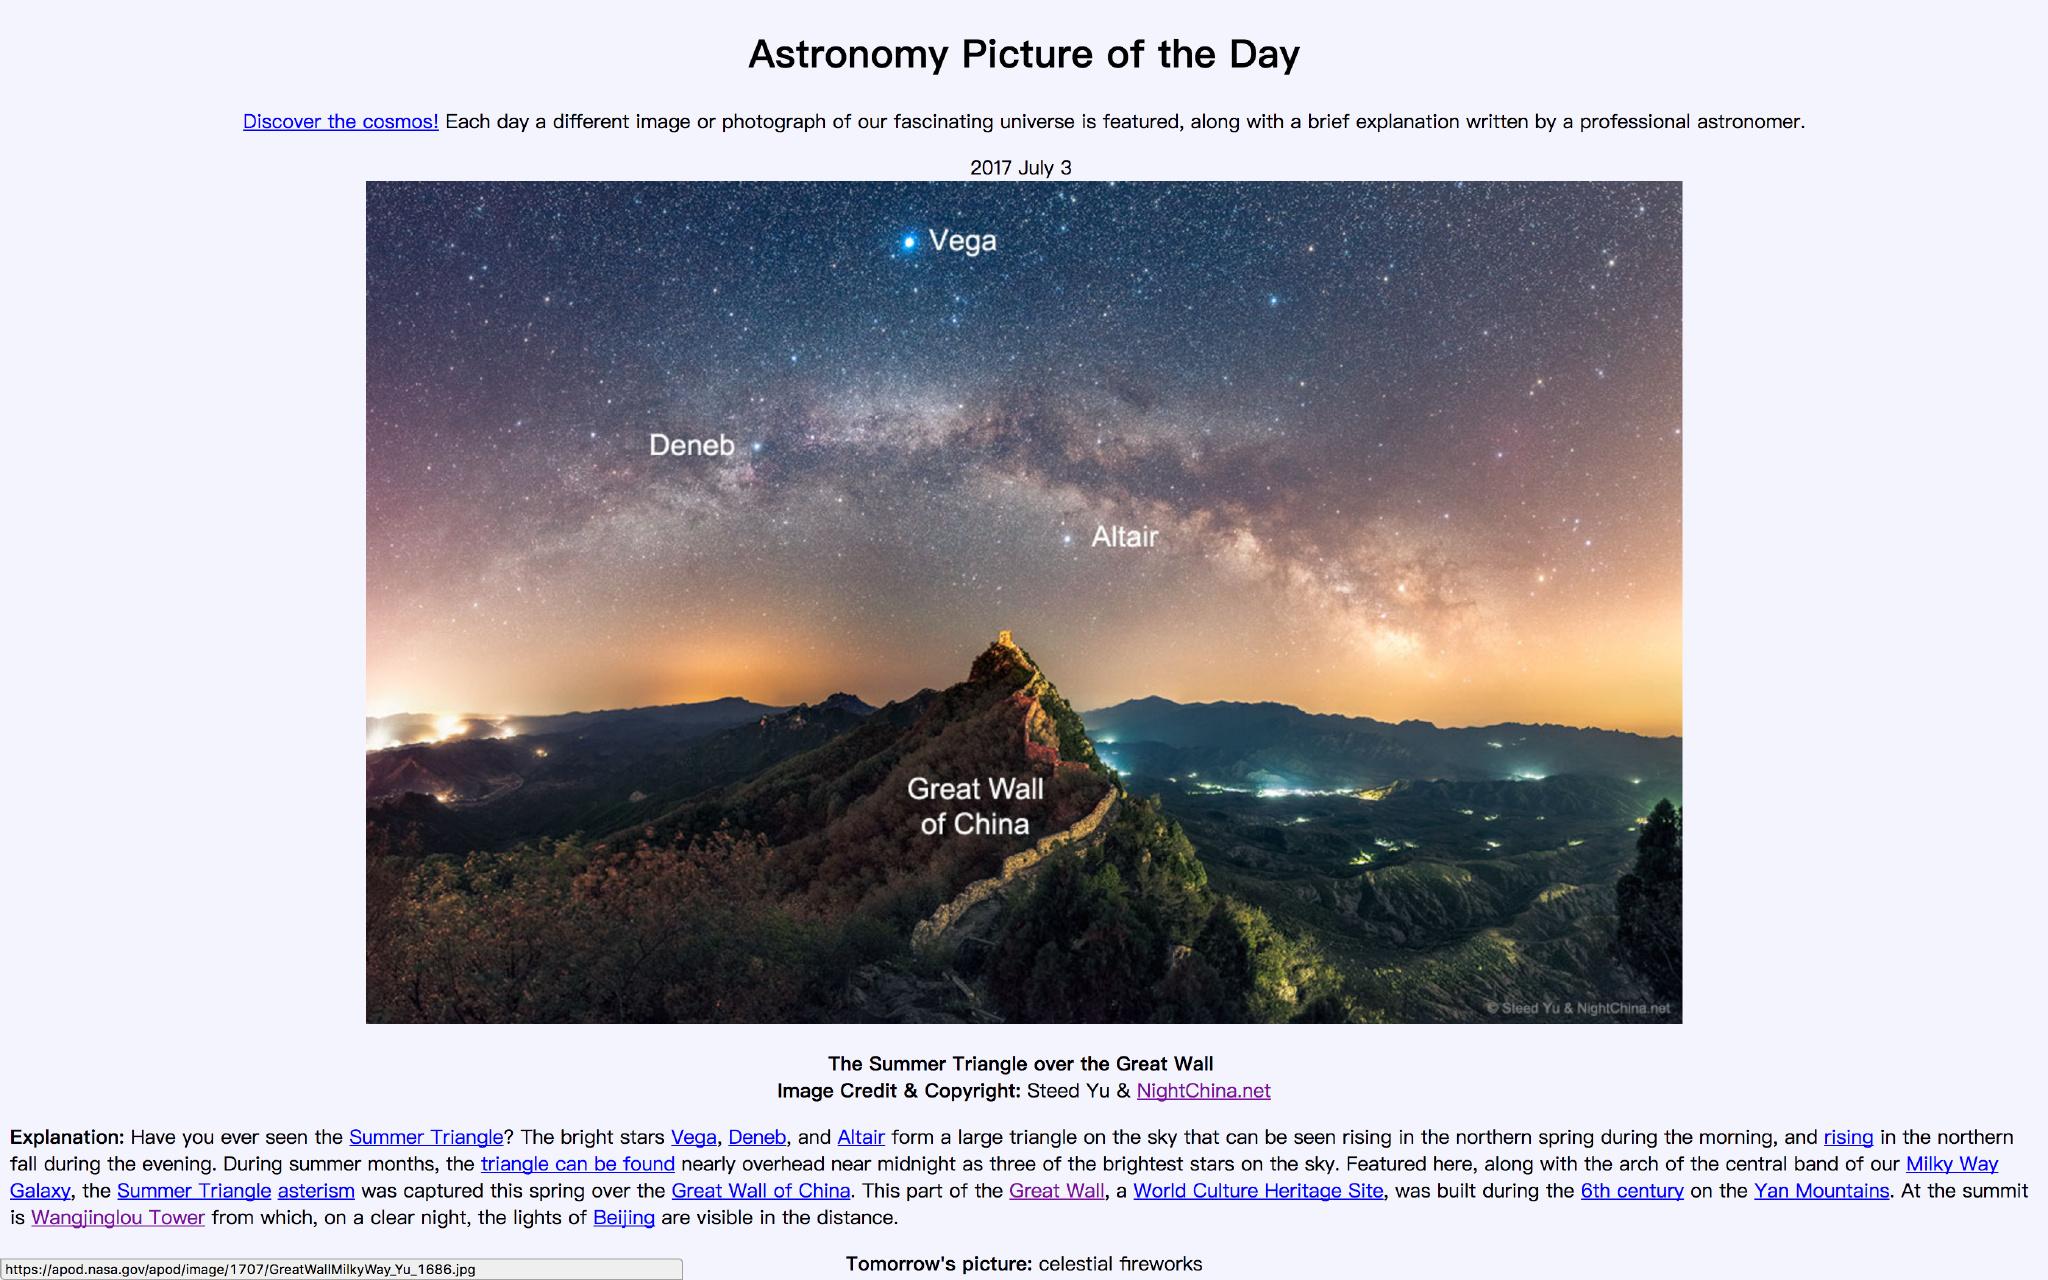 这张登上NASA官网的照片 中国摄影师是怎么拍出来